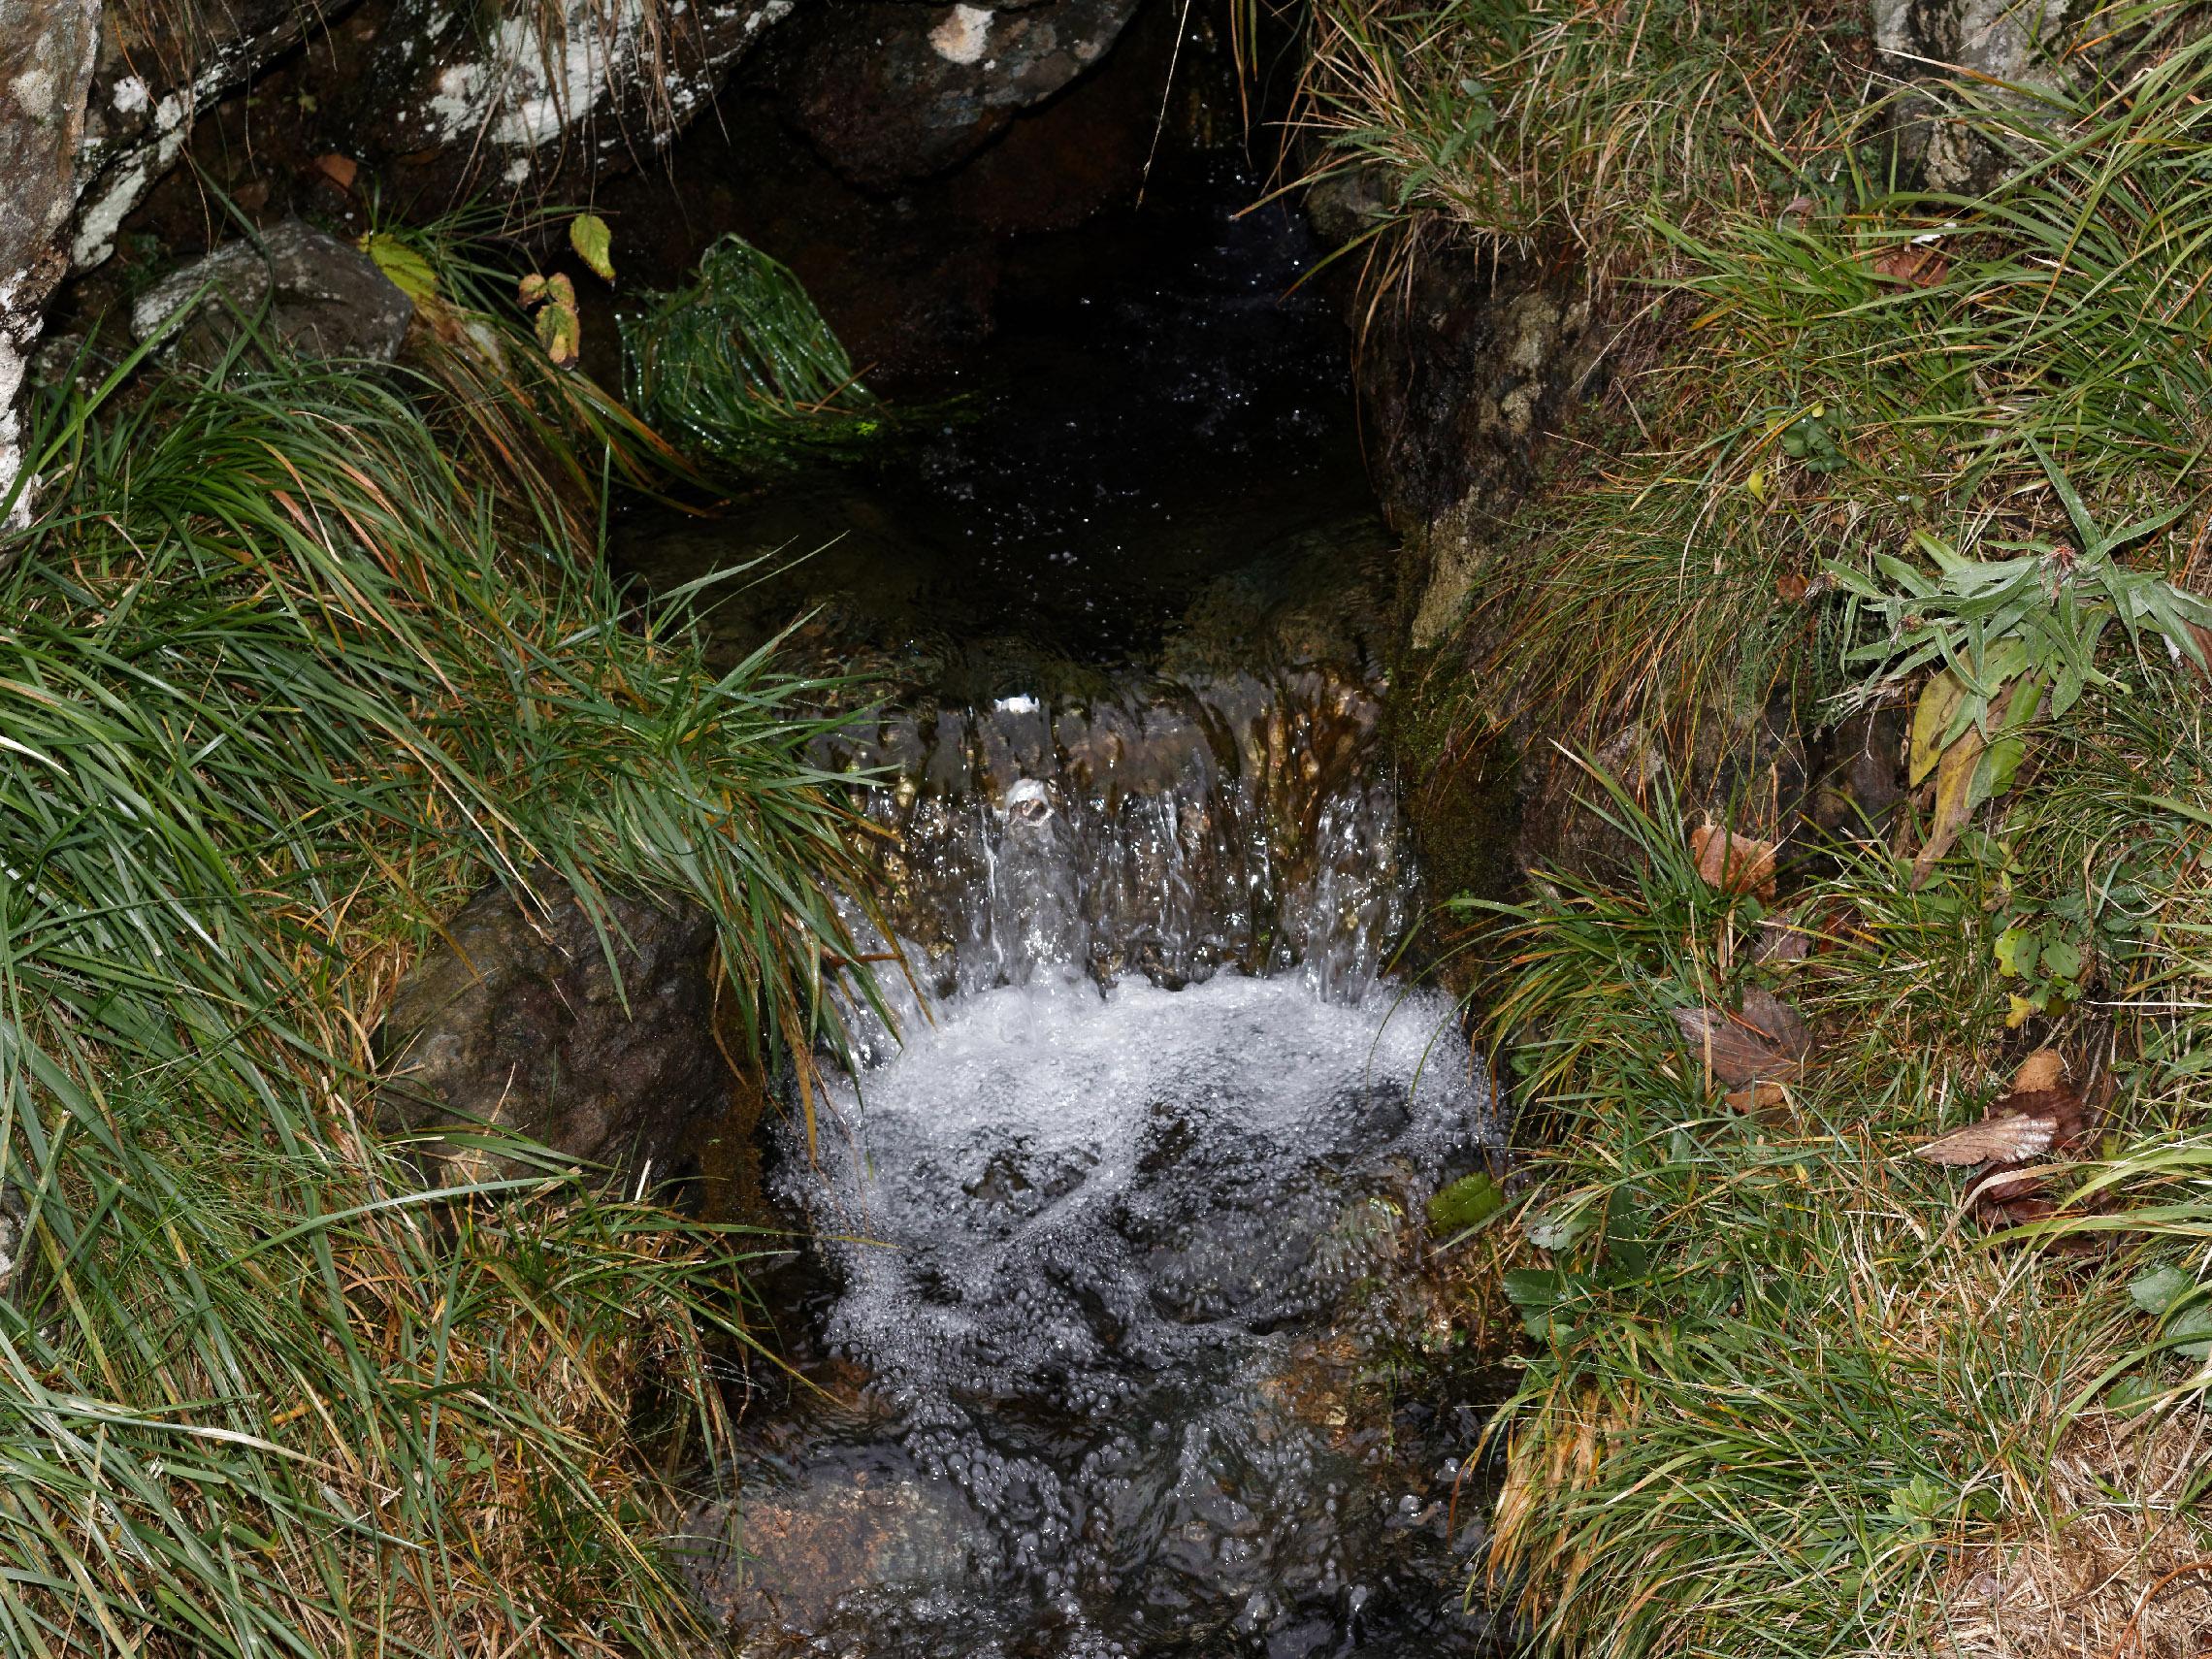 Parco naturale regionale del Beigua - Monte Reixa da Arenzano-img-8014-dx-.jpg